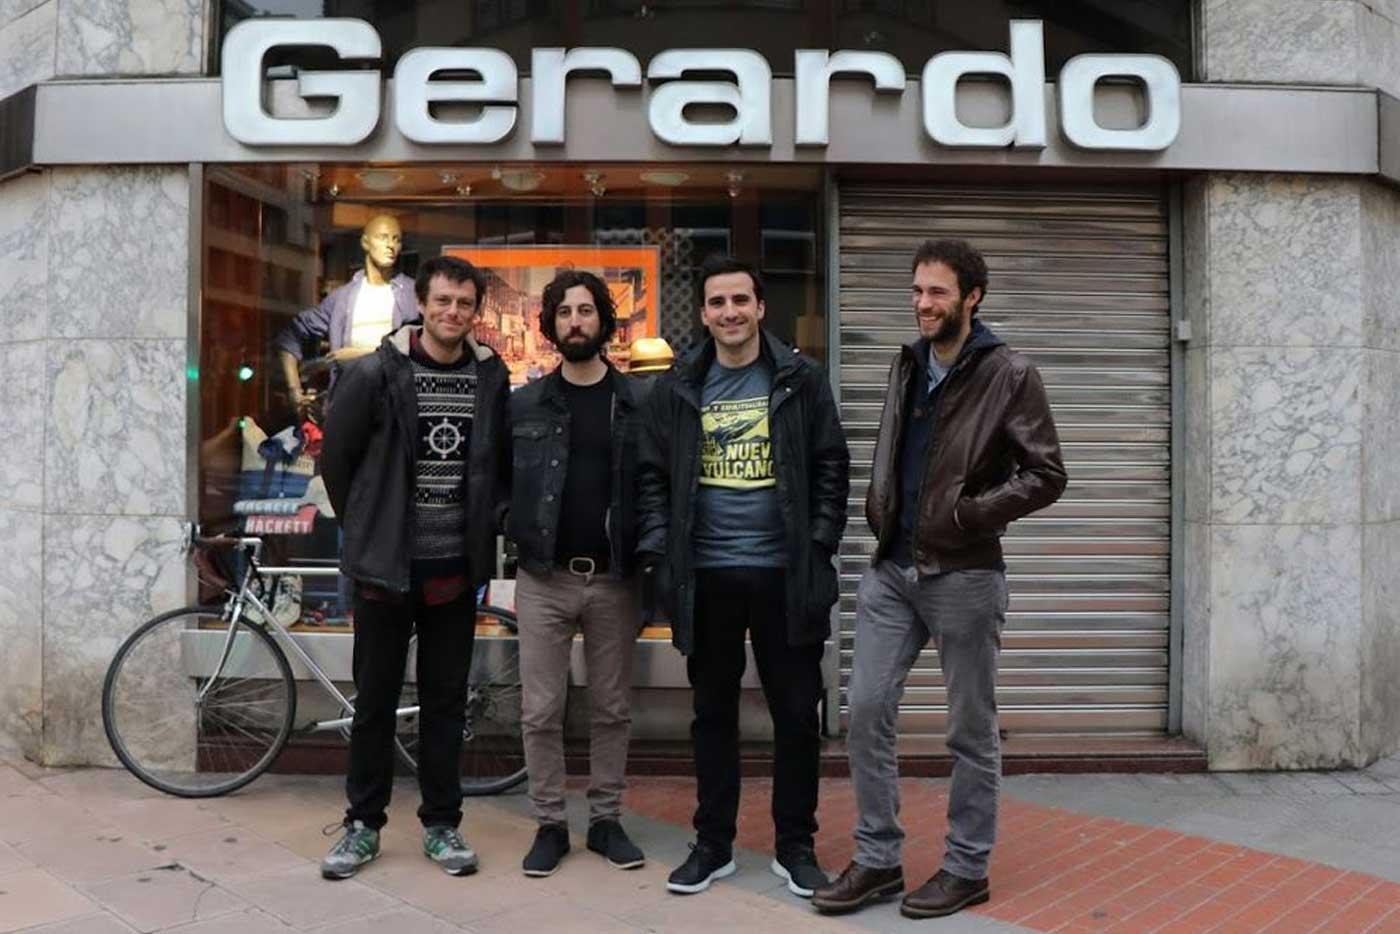 Yo, Gerard.